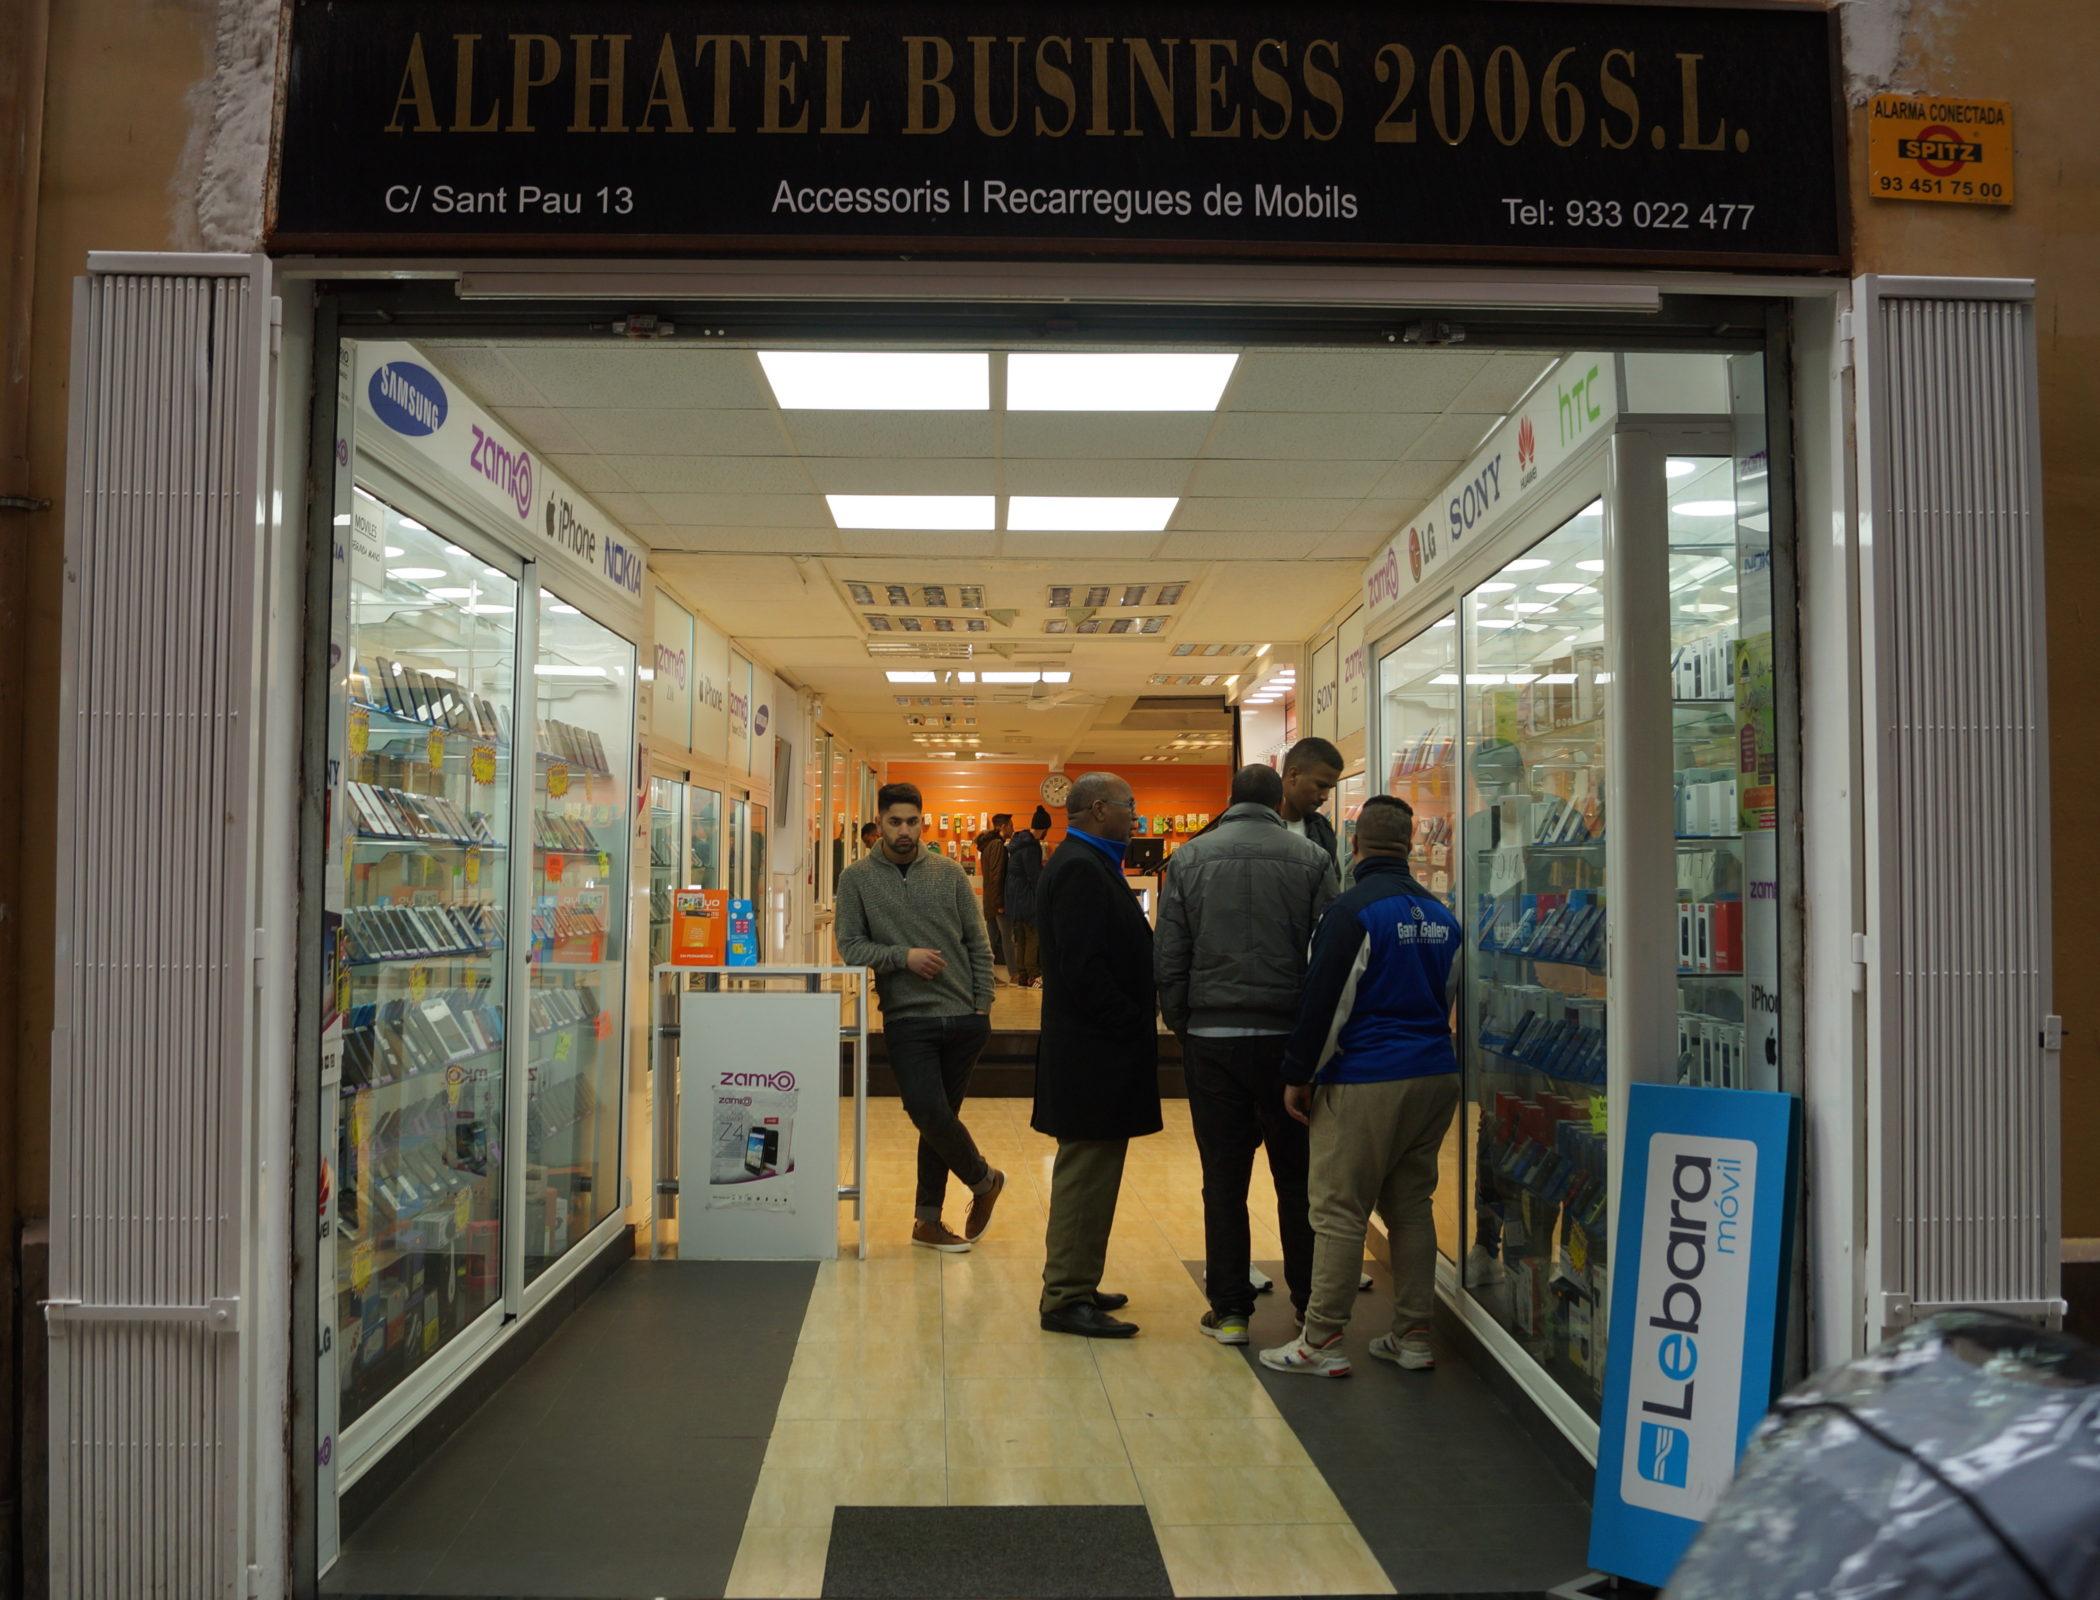 Barcelone, le 26 février 2018. Un des boutiques de téléphonie mobile indienne ou pakistanaise du quartier. ©Juliette Desmonceaux